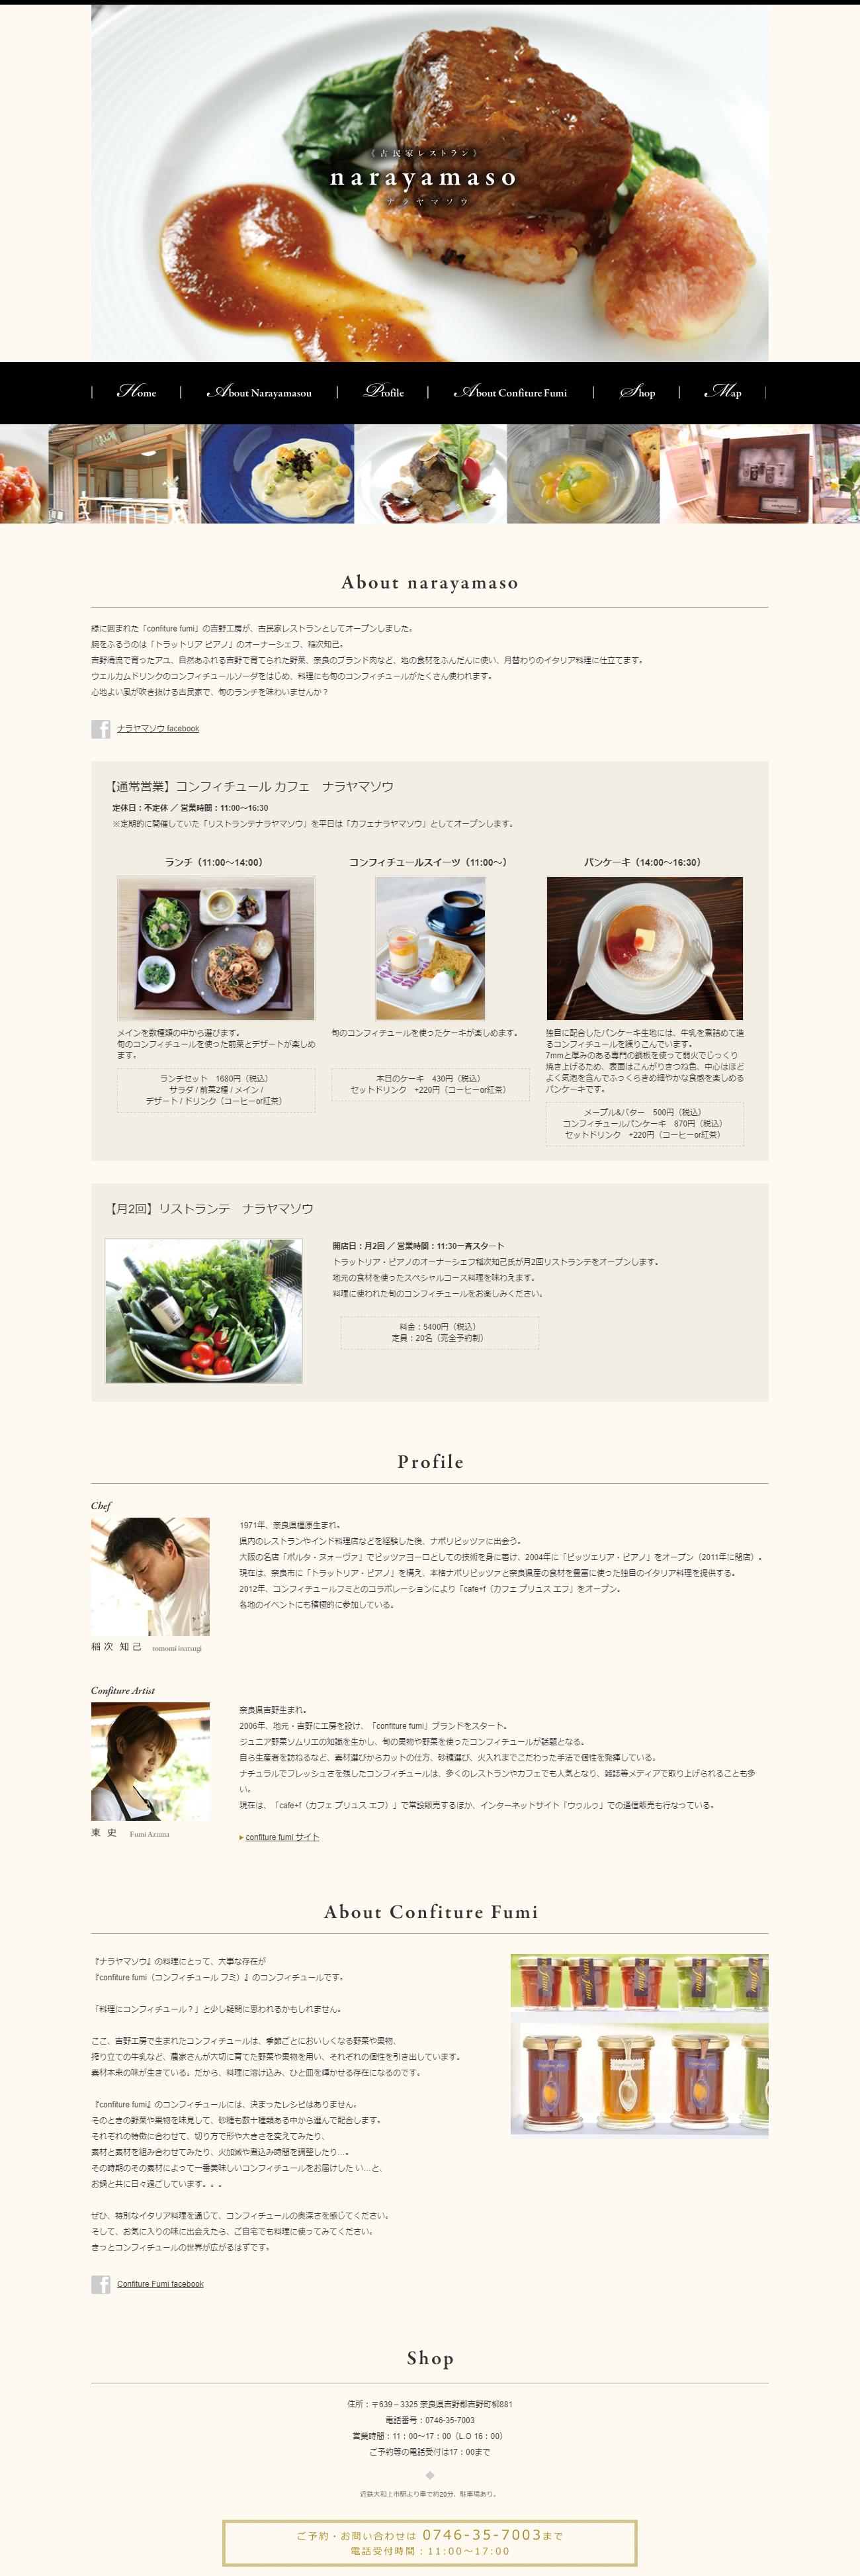 奈良市 ナラヤマソウ様 ホームページ制作1